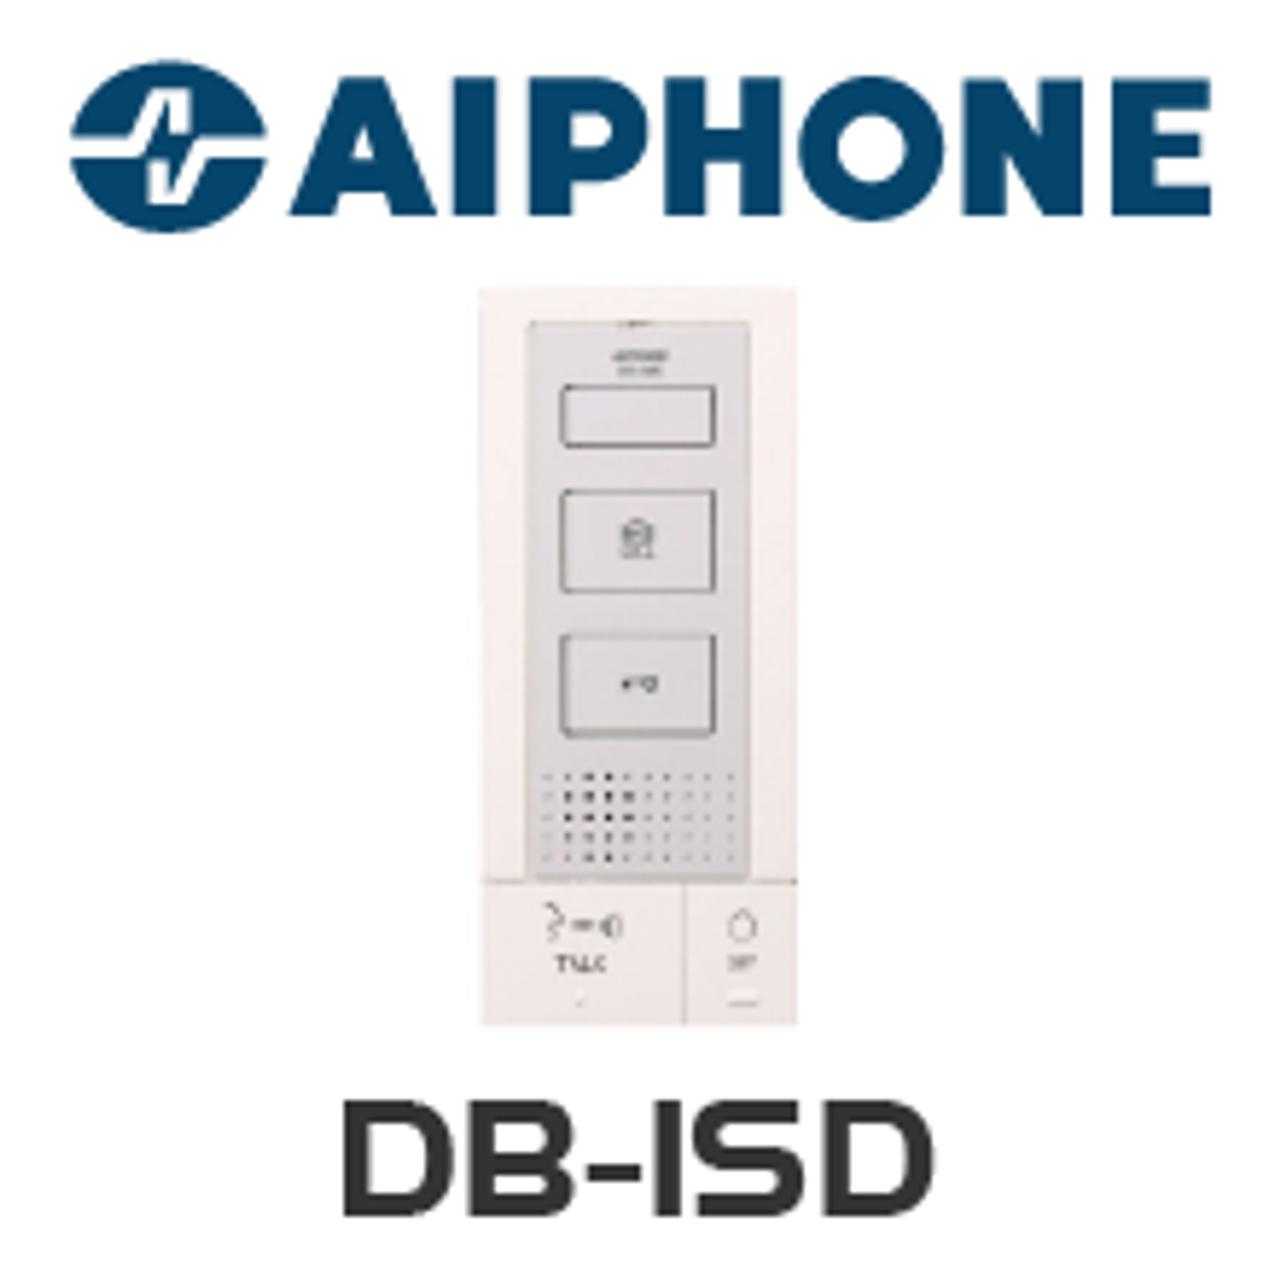 Aiphone Db1